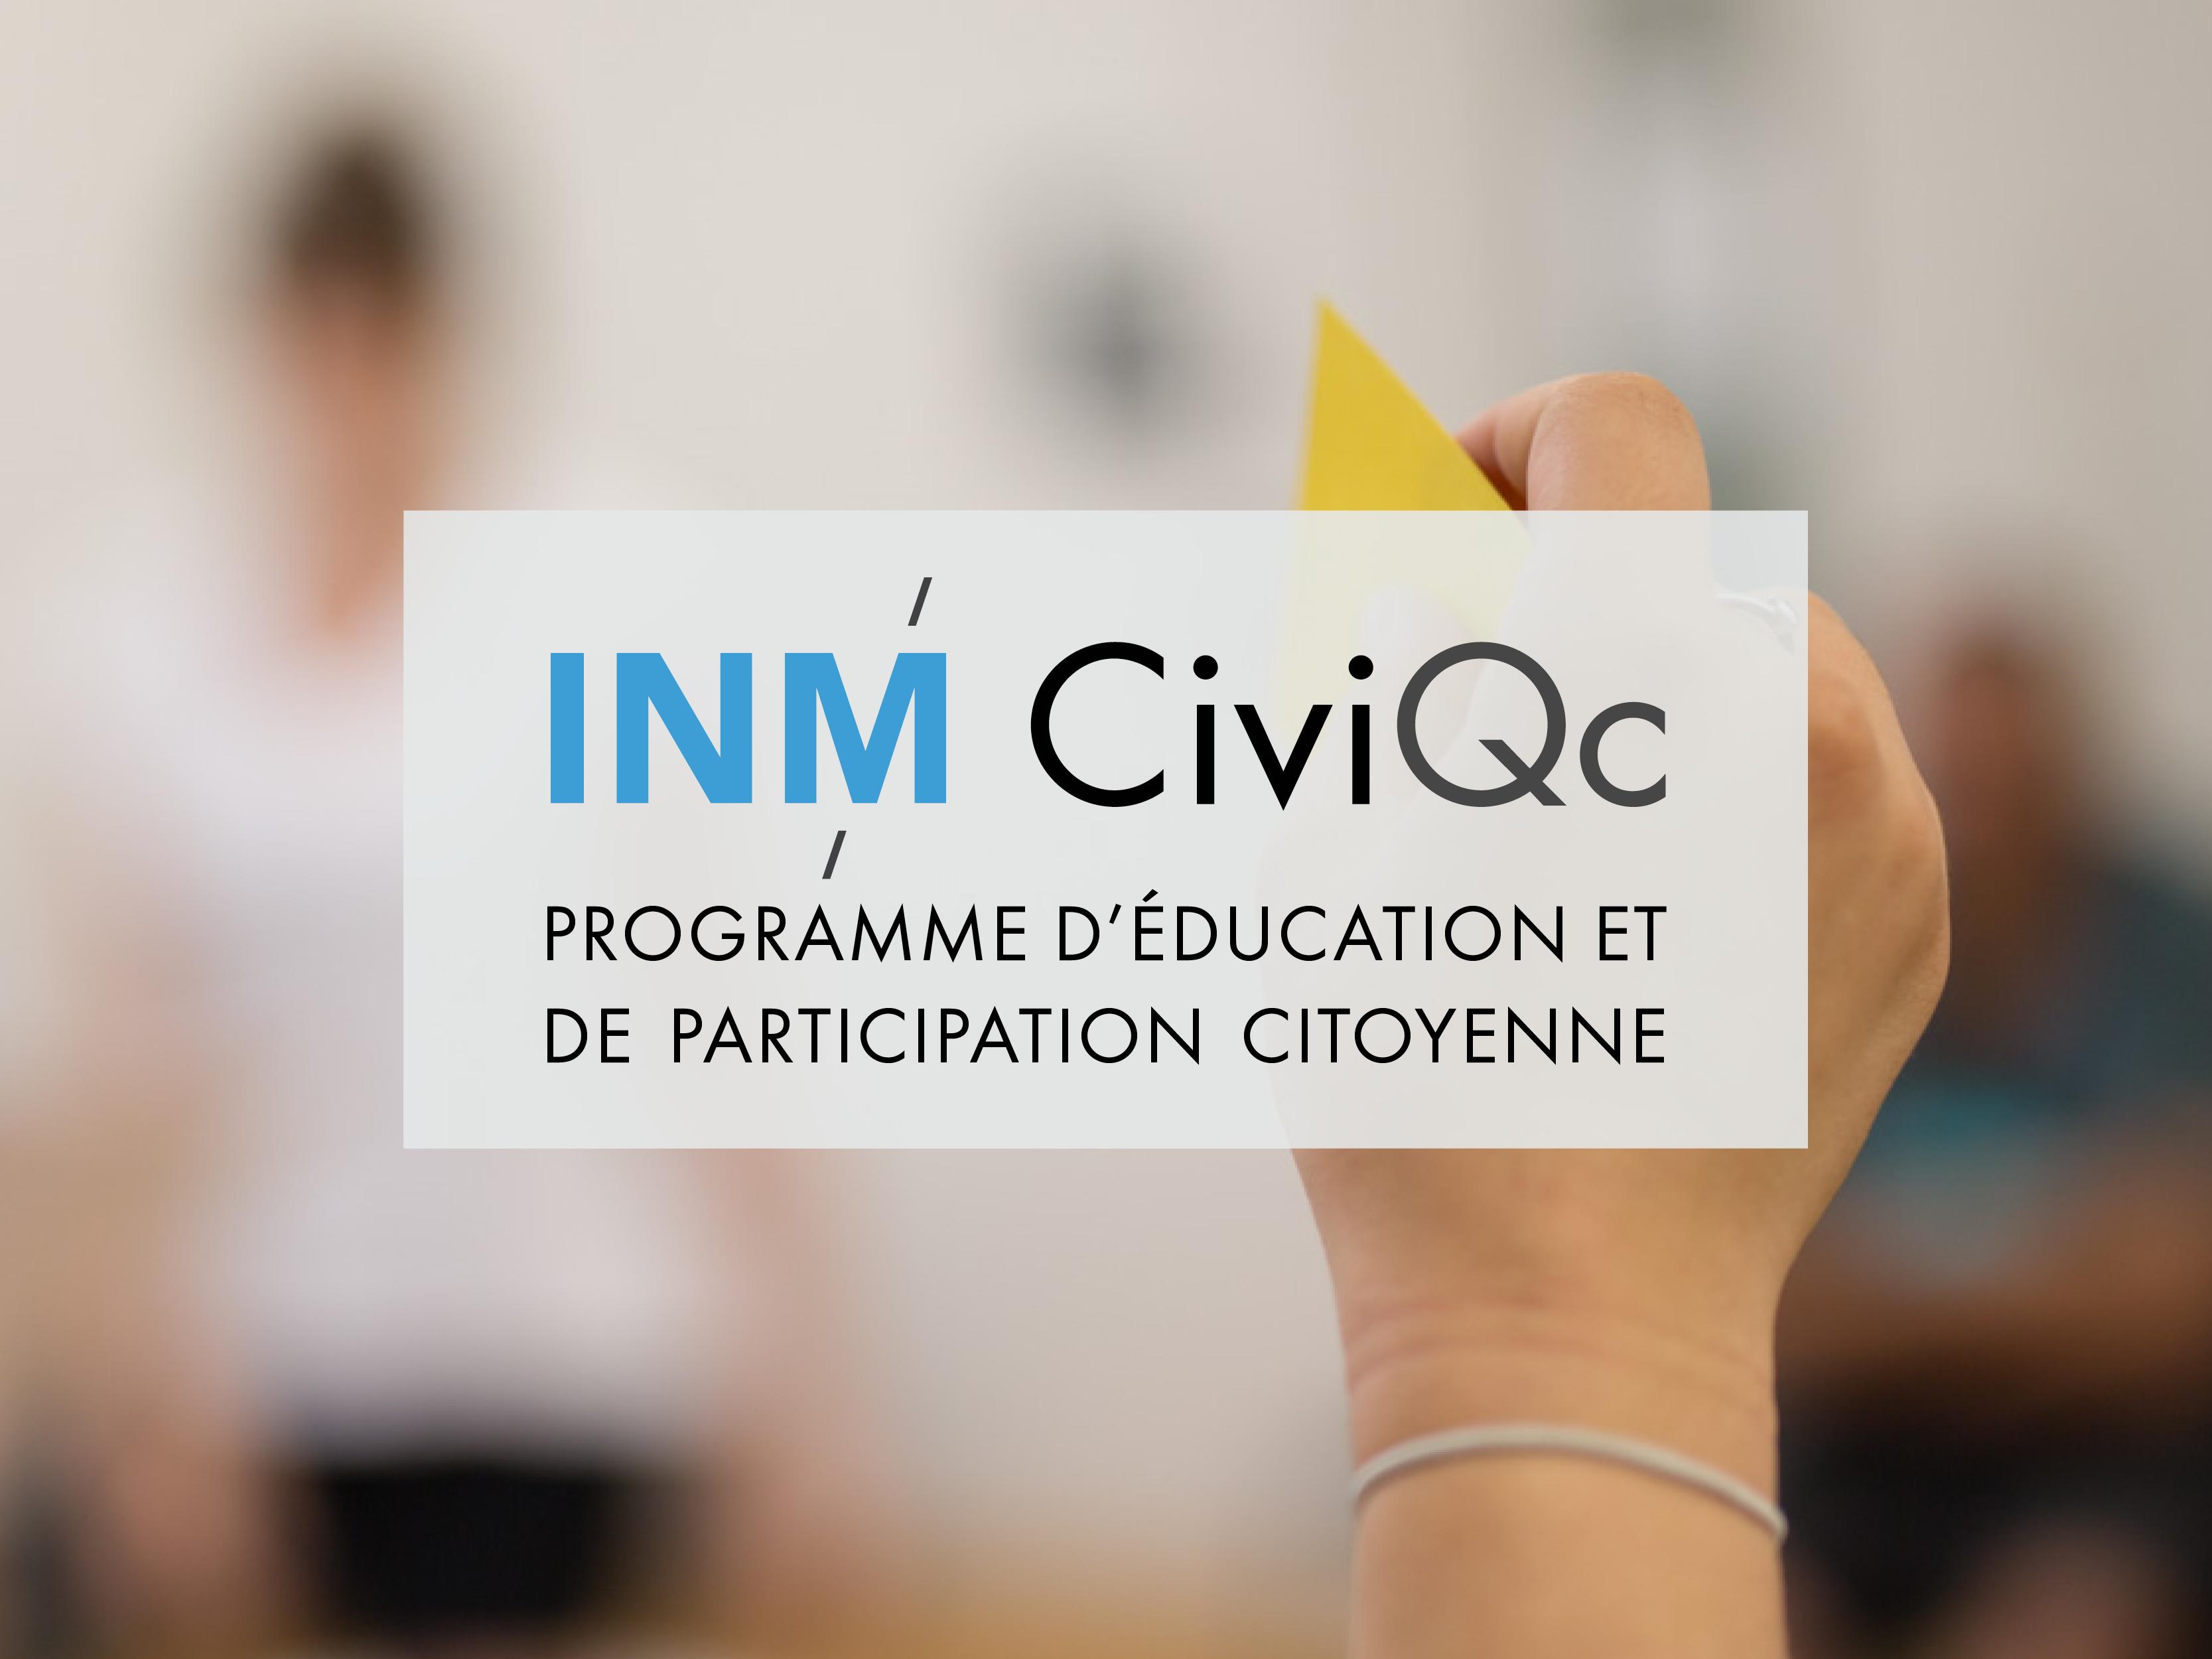 Programme d'éducation CiviQc